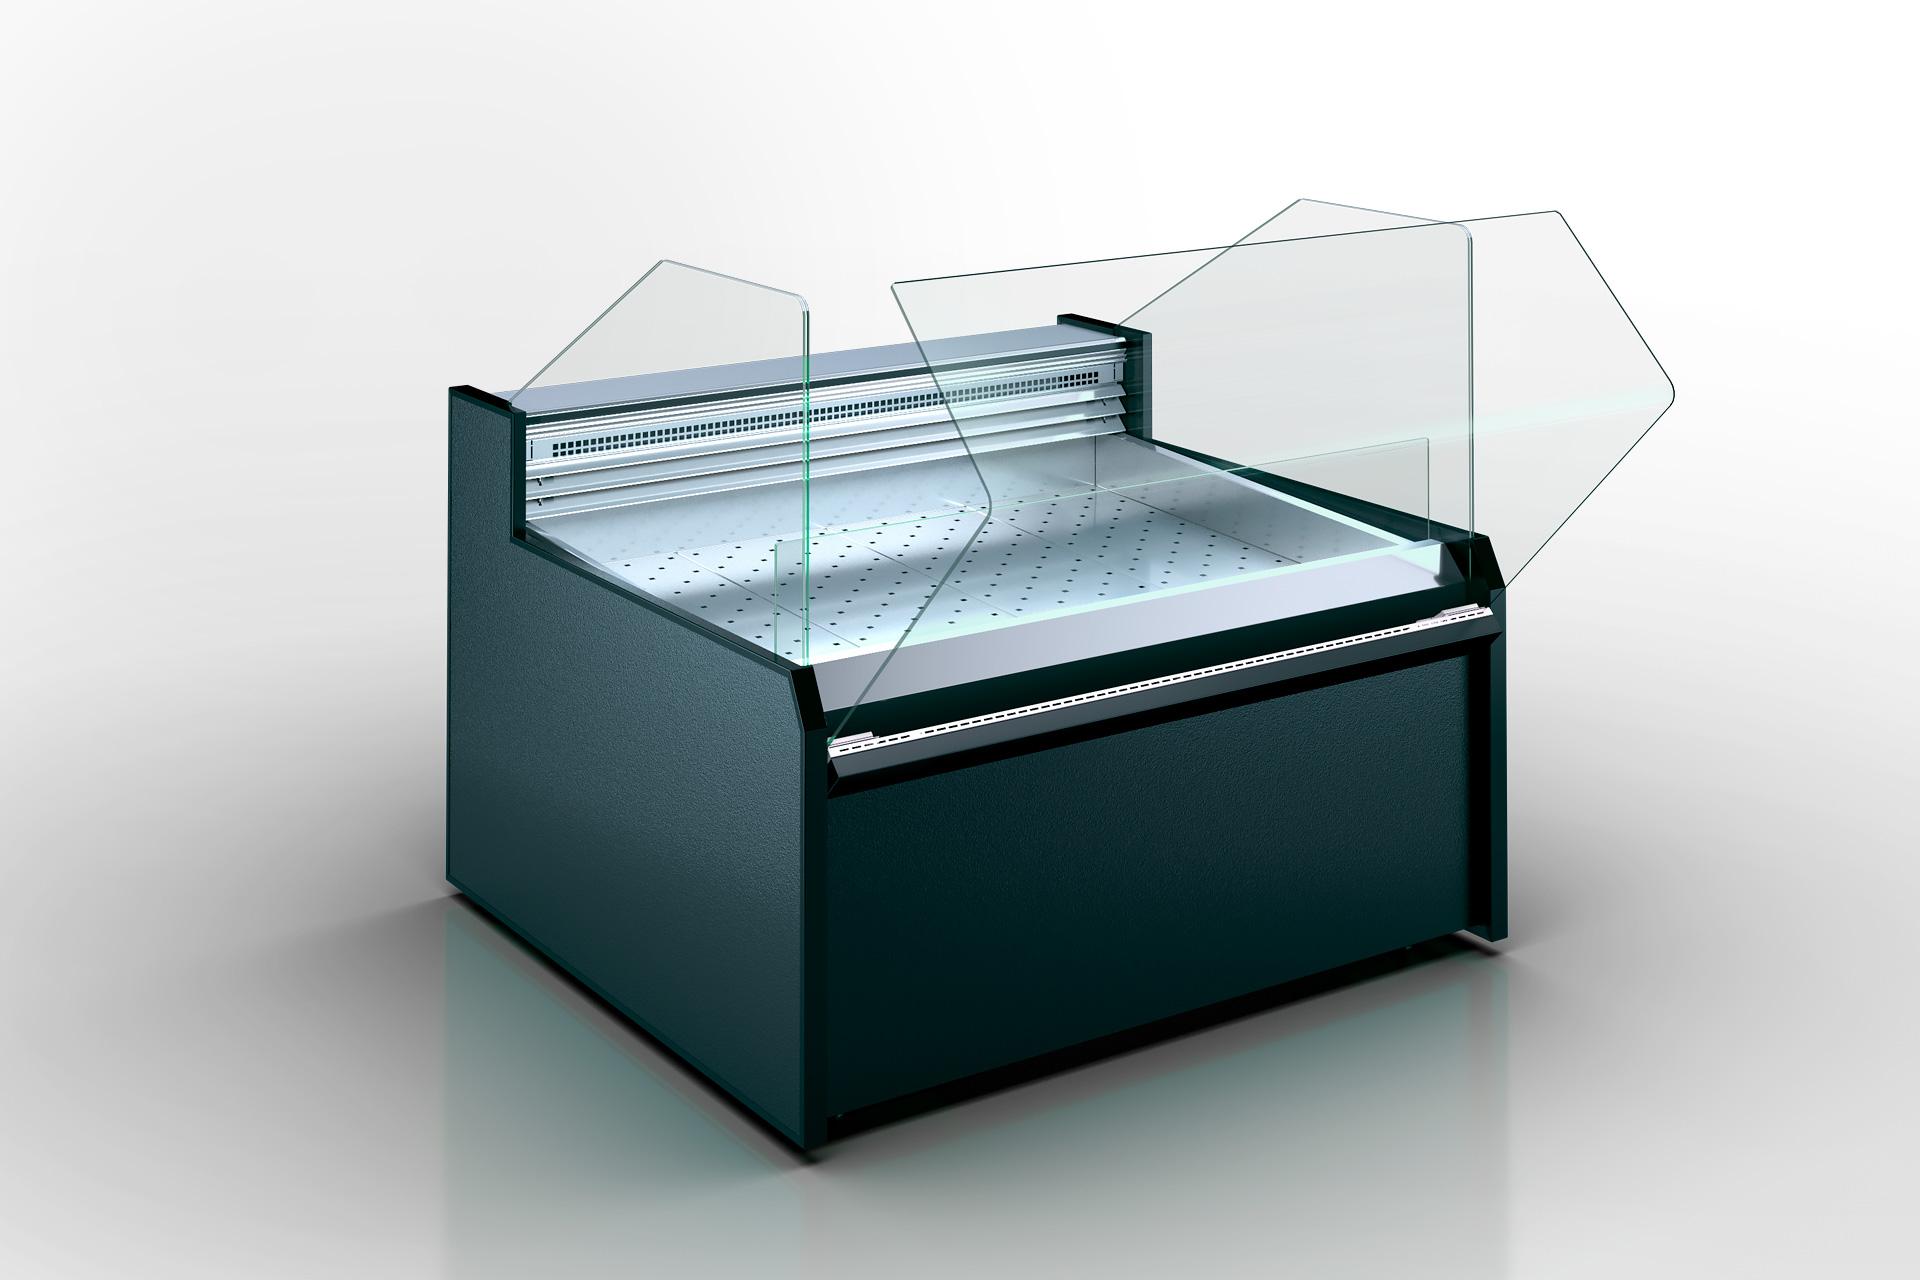 Холодильна вітрина Missouri MC 120 fish OS 120-SLM/SLA, Missouri MC 120 fish OS 120-SPLM/SPLA